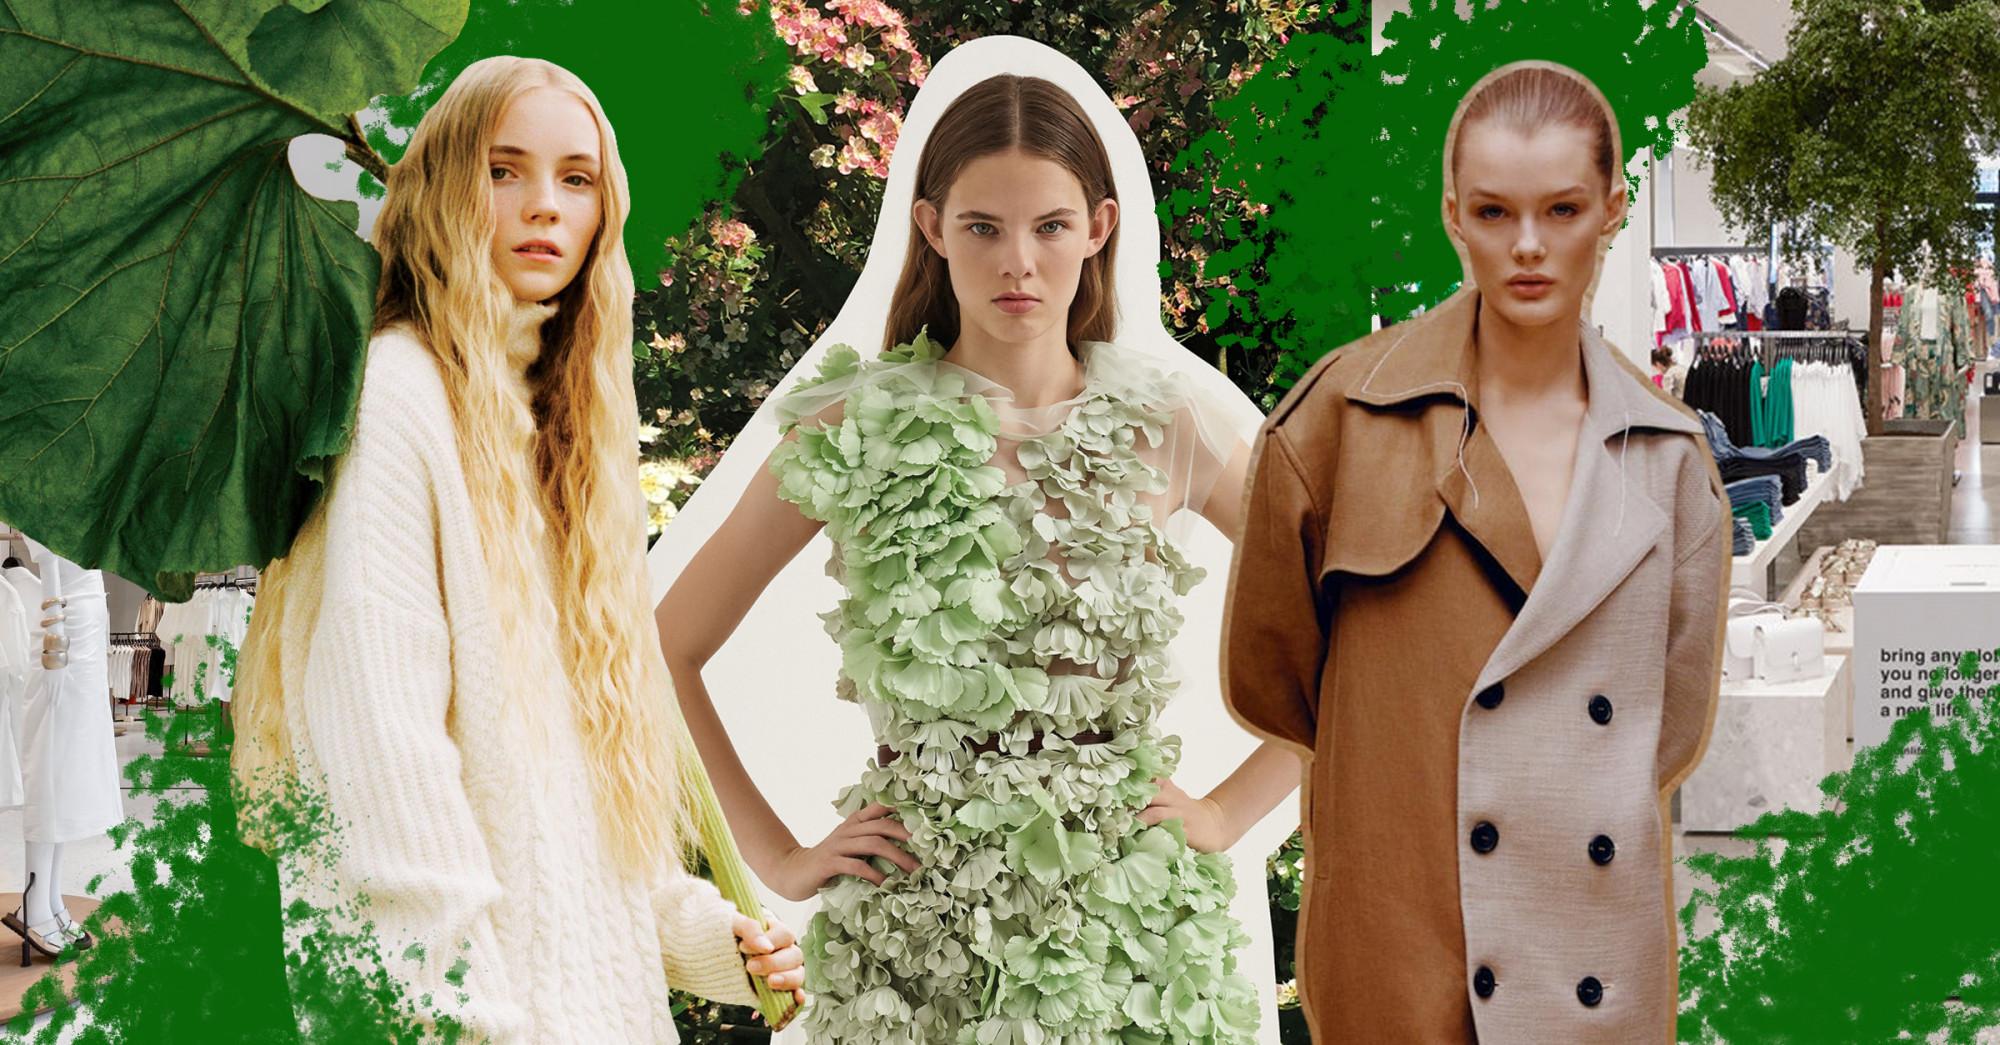 Váy cưới cho thuê là một phần của xu hướng thời trang bền vững mà nhiều hãng thời trang đang theo đuổi - Ảnh: Ret Views